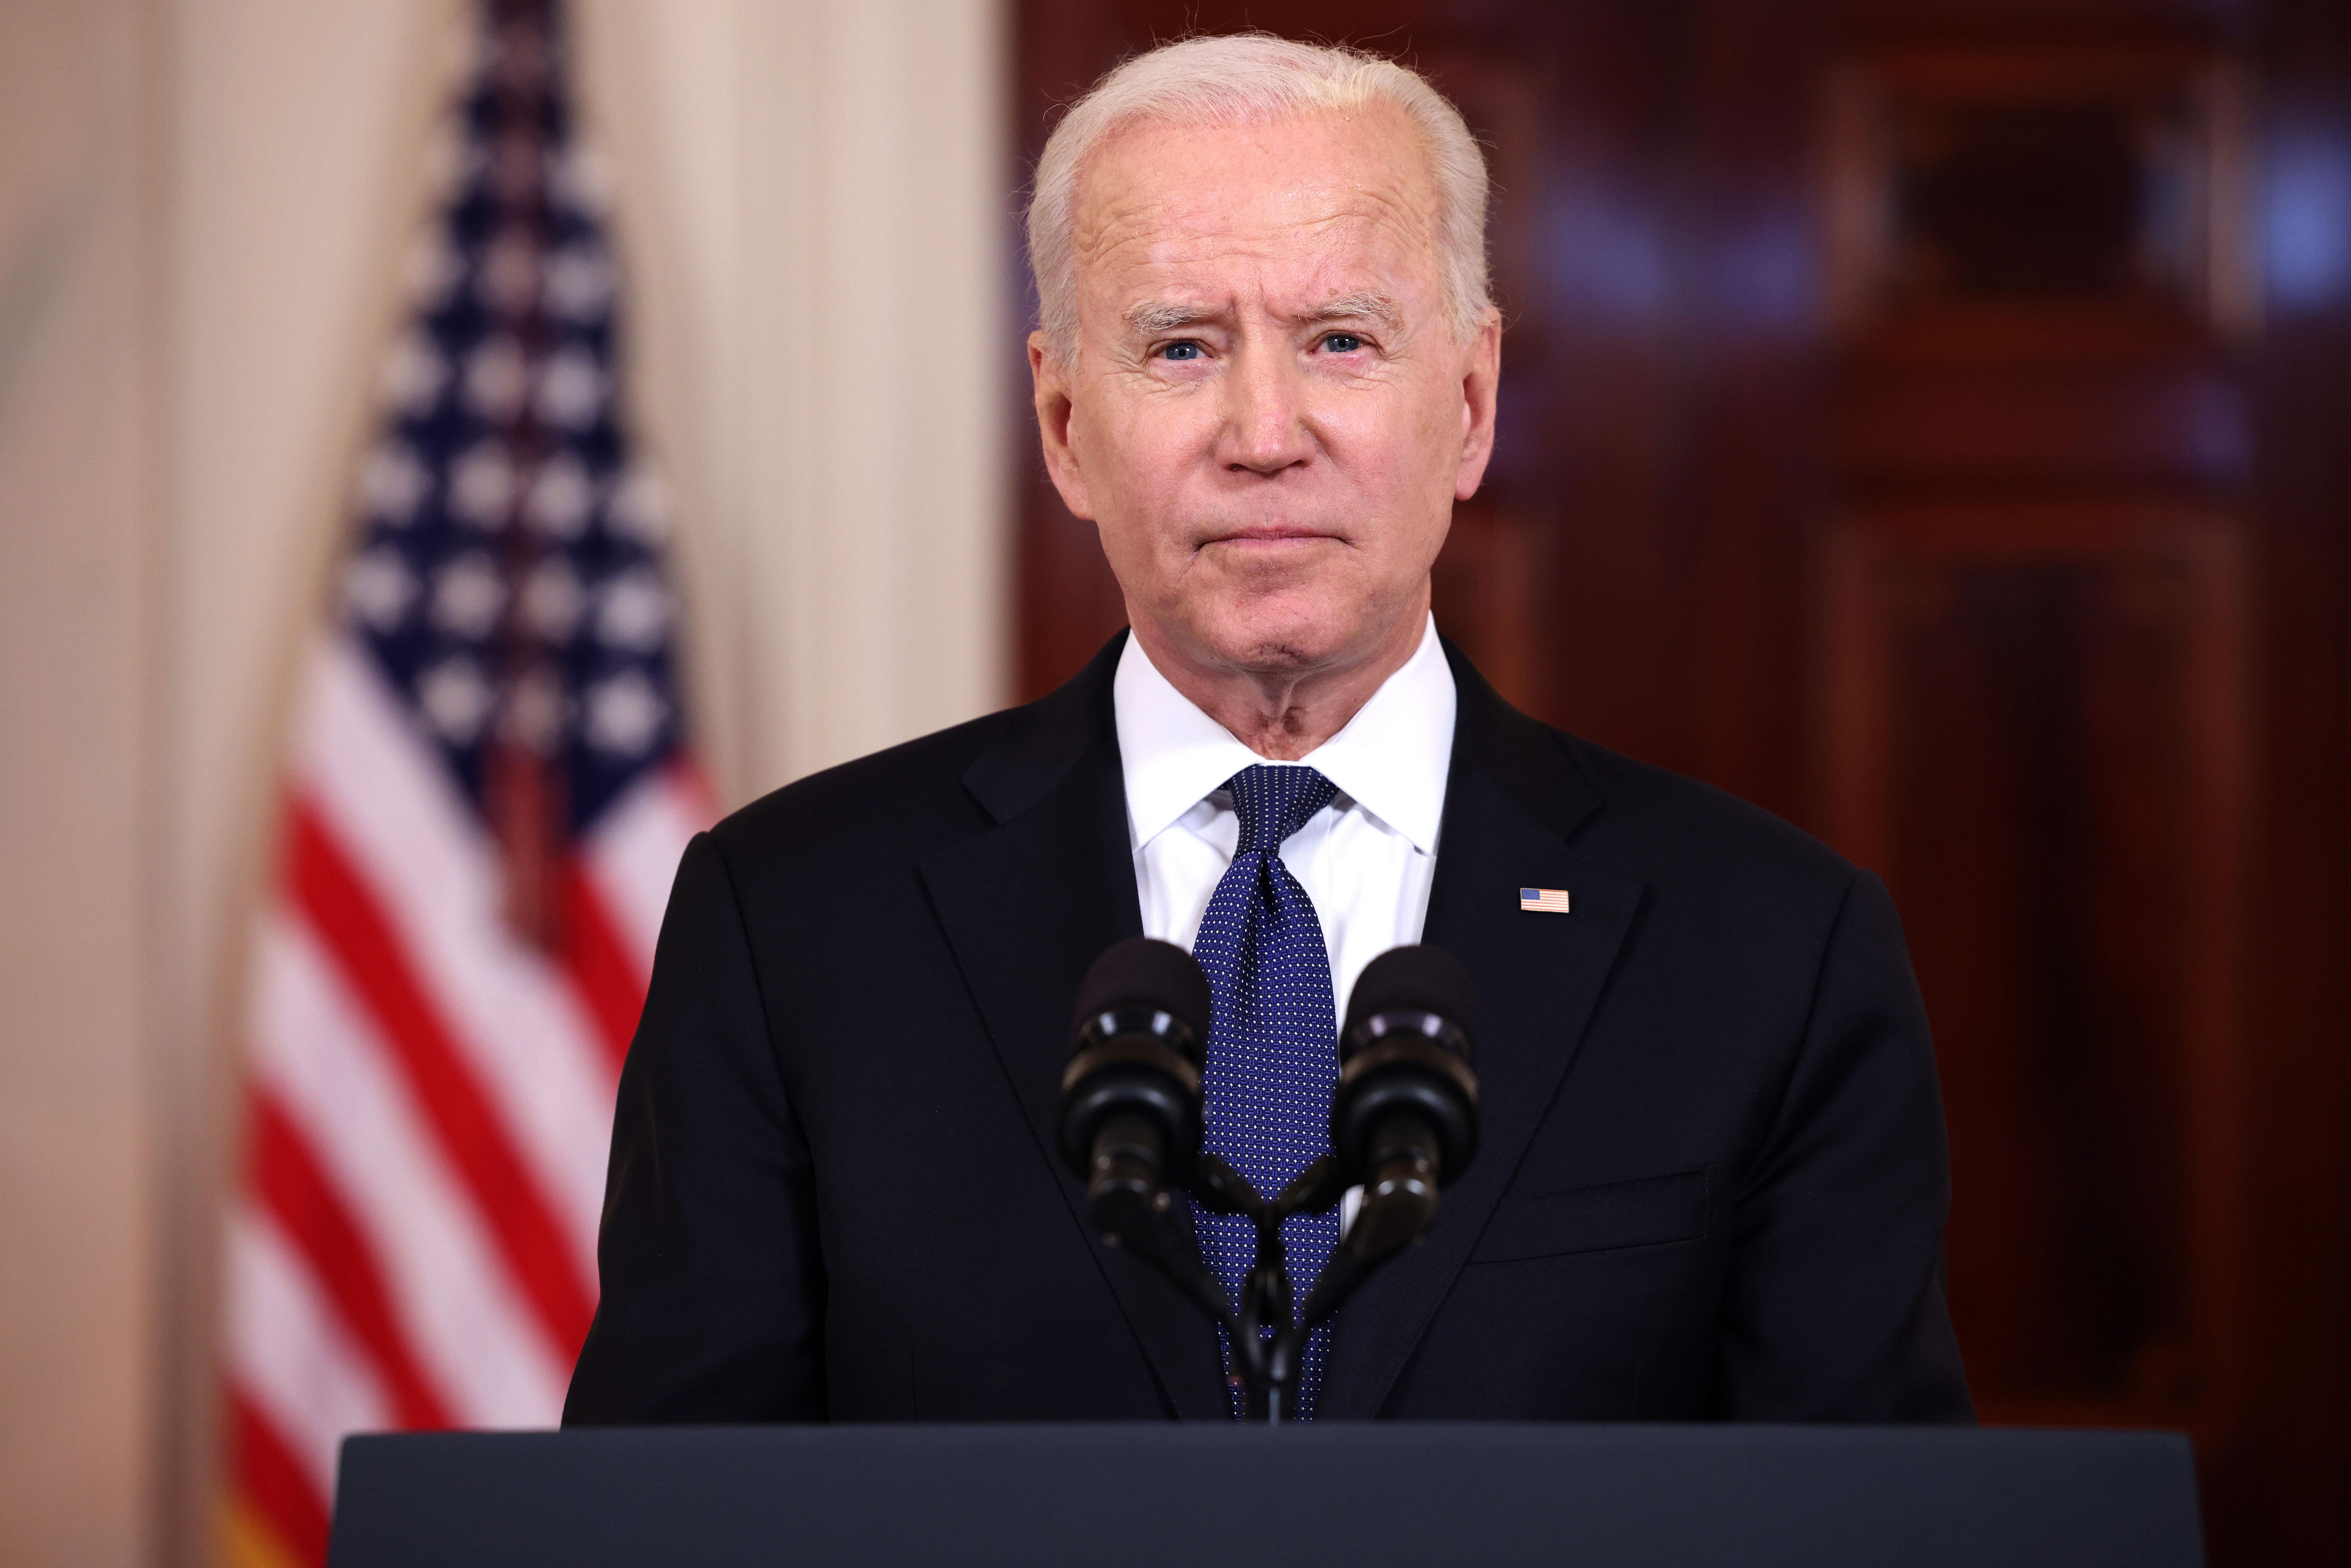 President Joe Biden speaks at the White House on May 20.